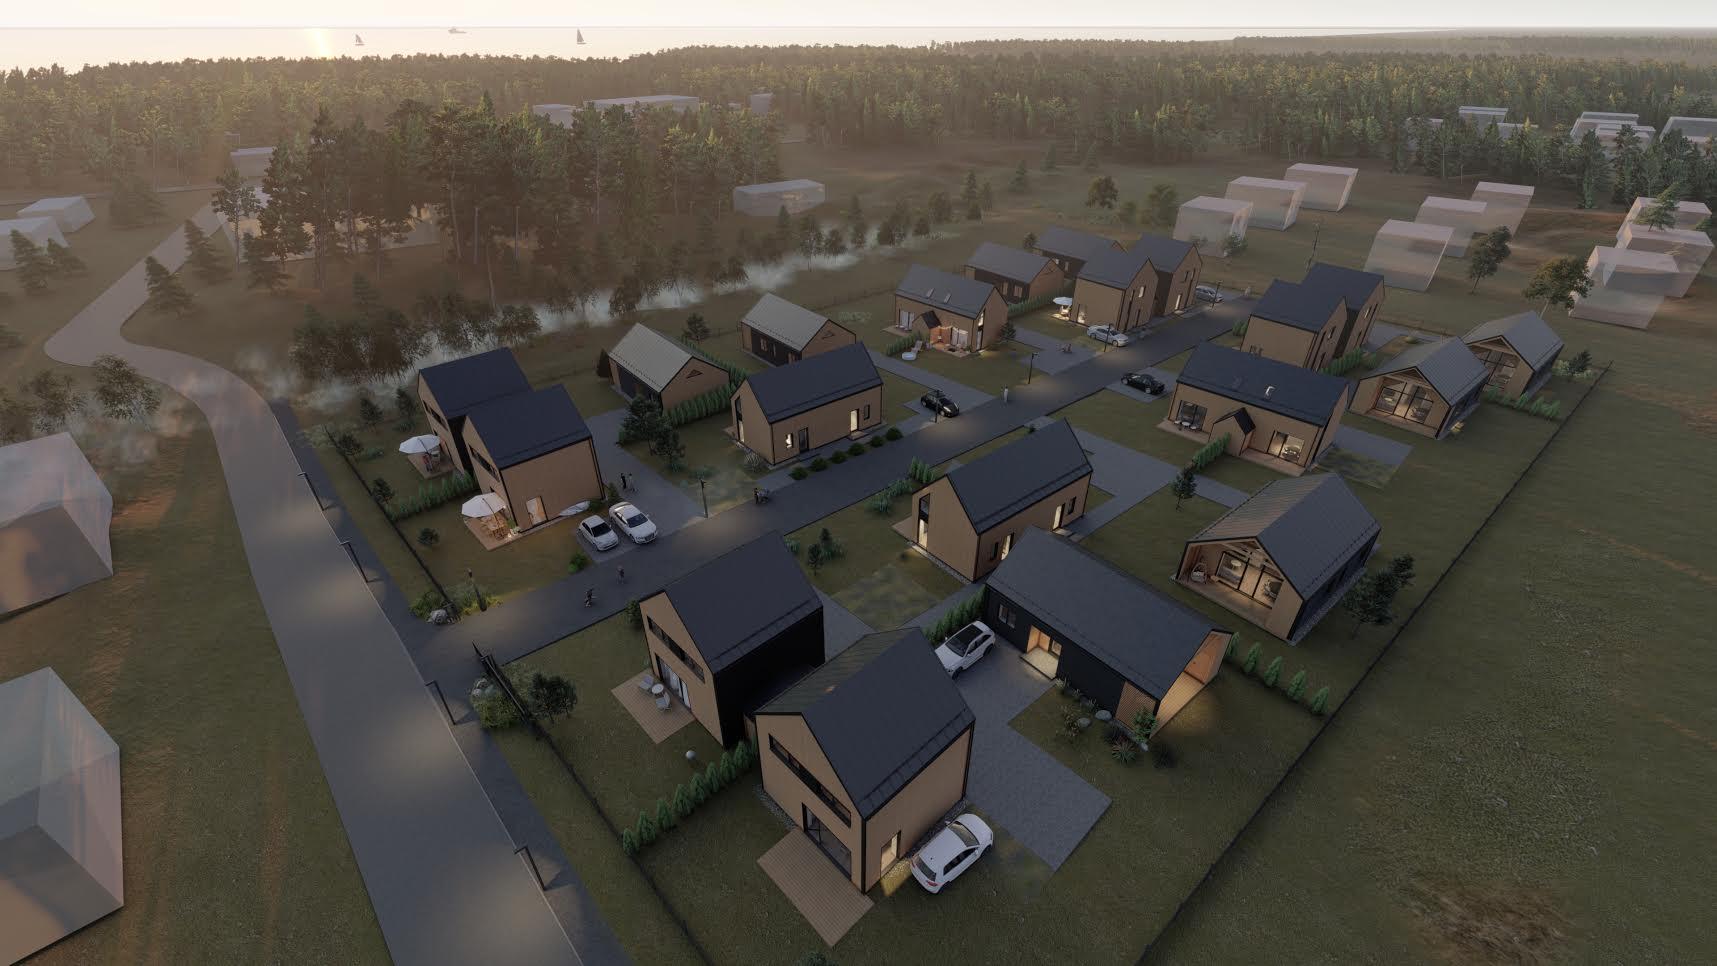 Gyvenamųjų namų kvartalas Palangoje - PST projektai